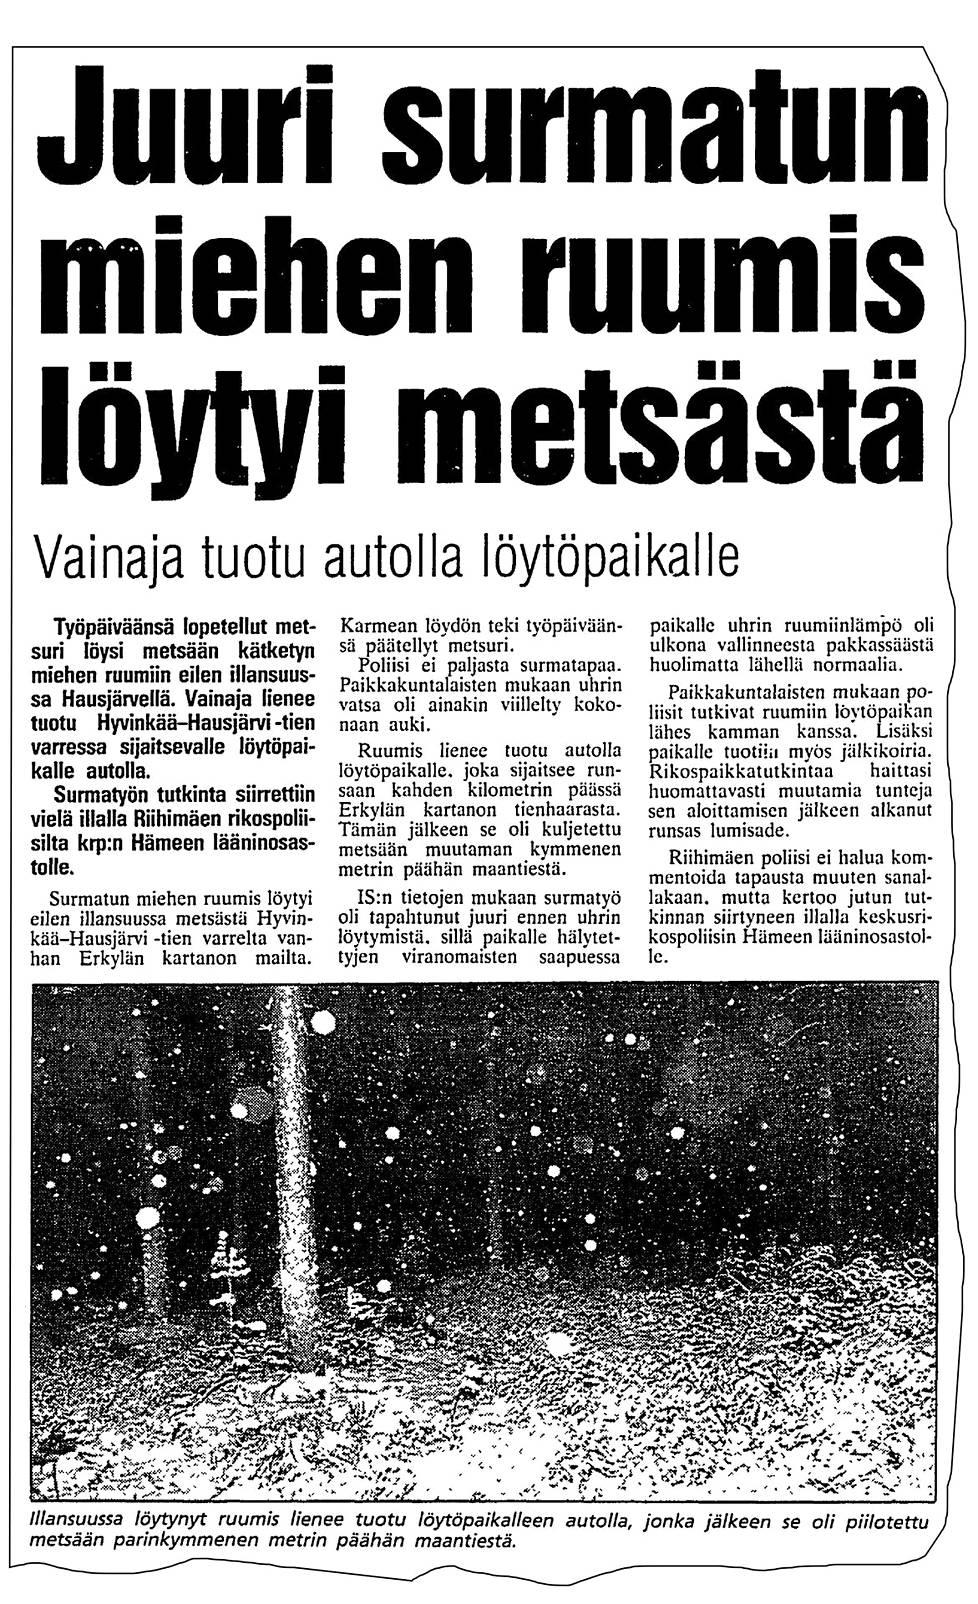 Ensimmäisessä uutisessa 19. huhtikuuta uhrin kerrottiin virheellisesti olleen mies. Kyseessä oli kuitenkin Tuula Lukkarinen.